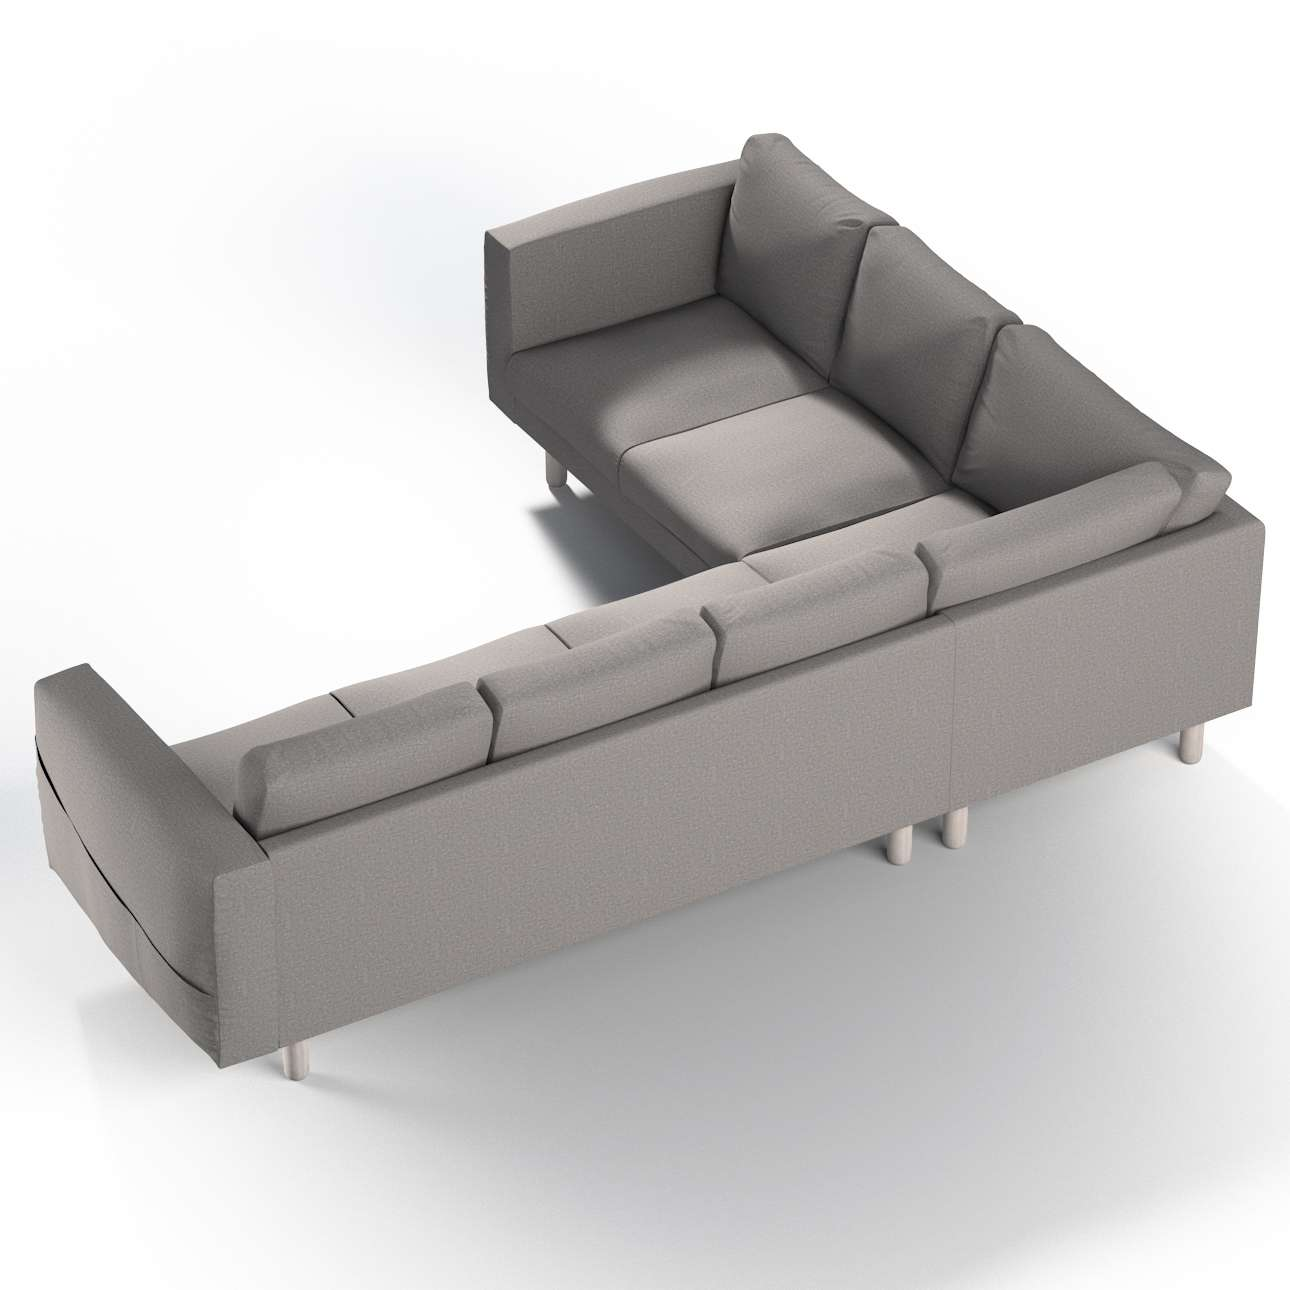 Pokrowiec na sofę narożną Norsborg 5-osobową w kolekcji Edinburgh, tkanina: 115-81